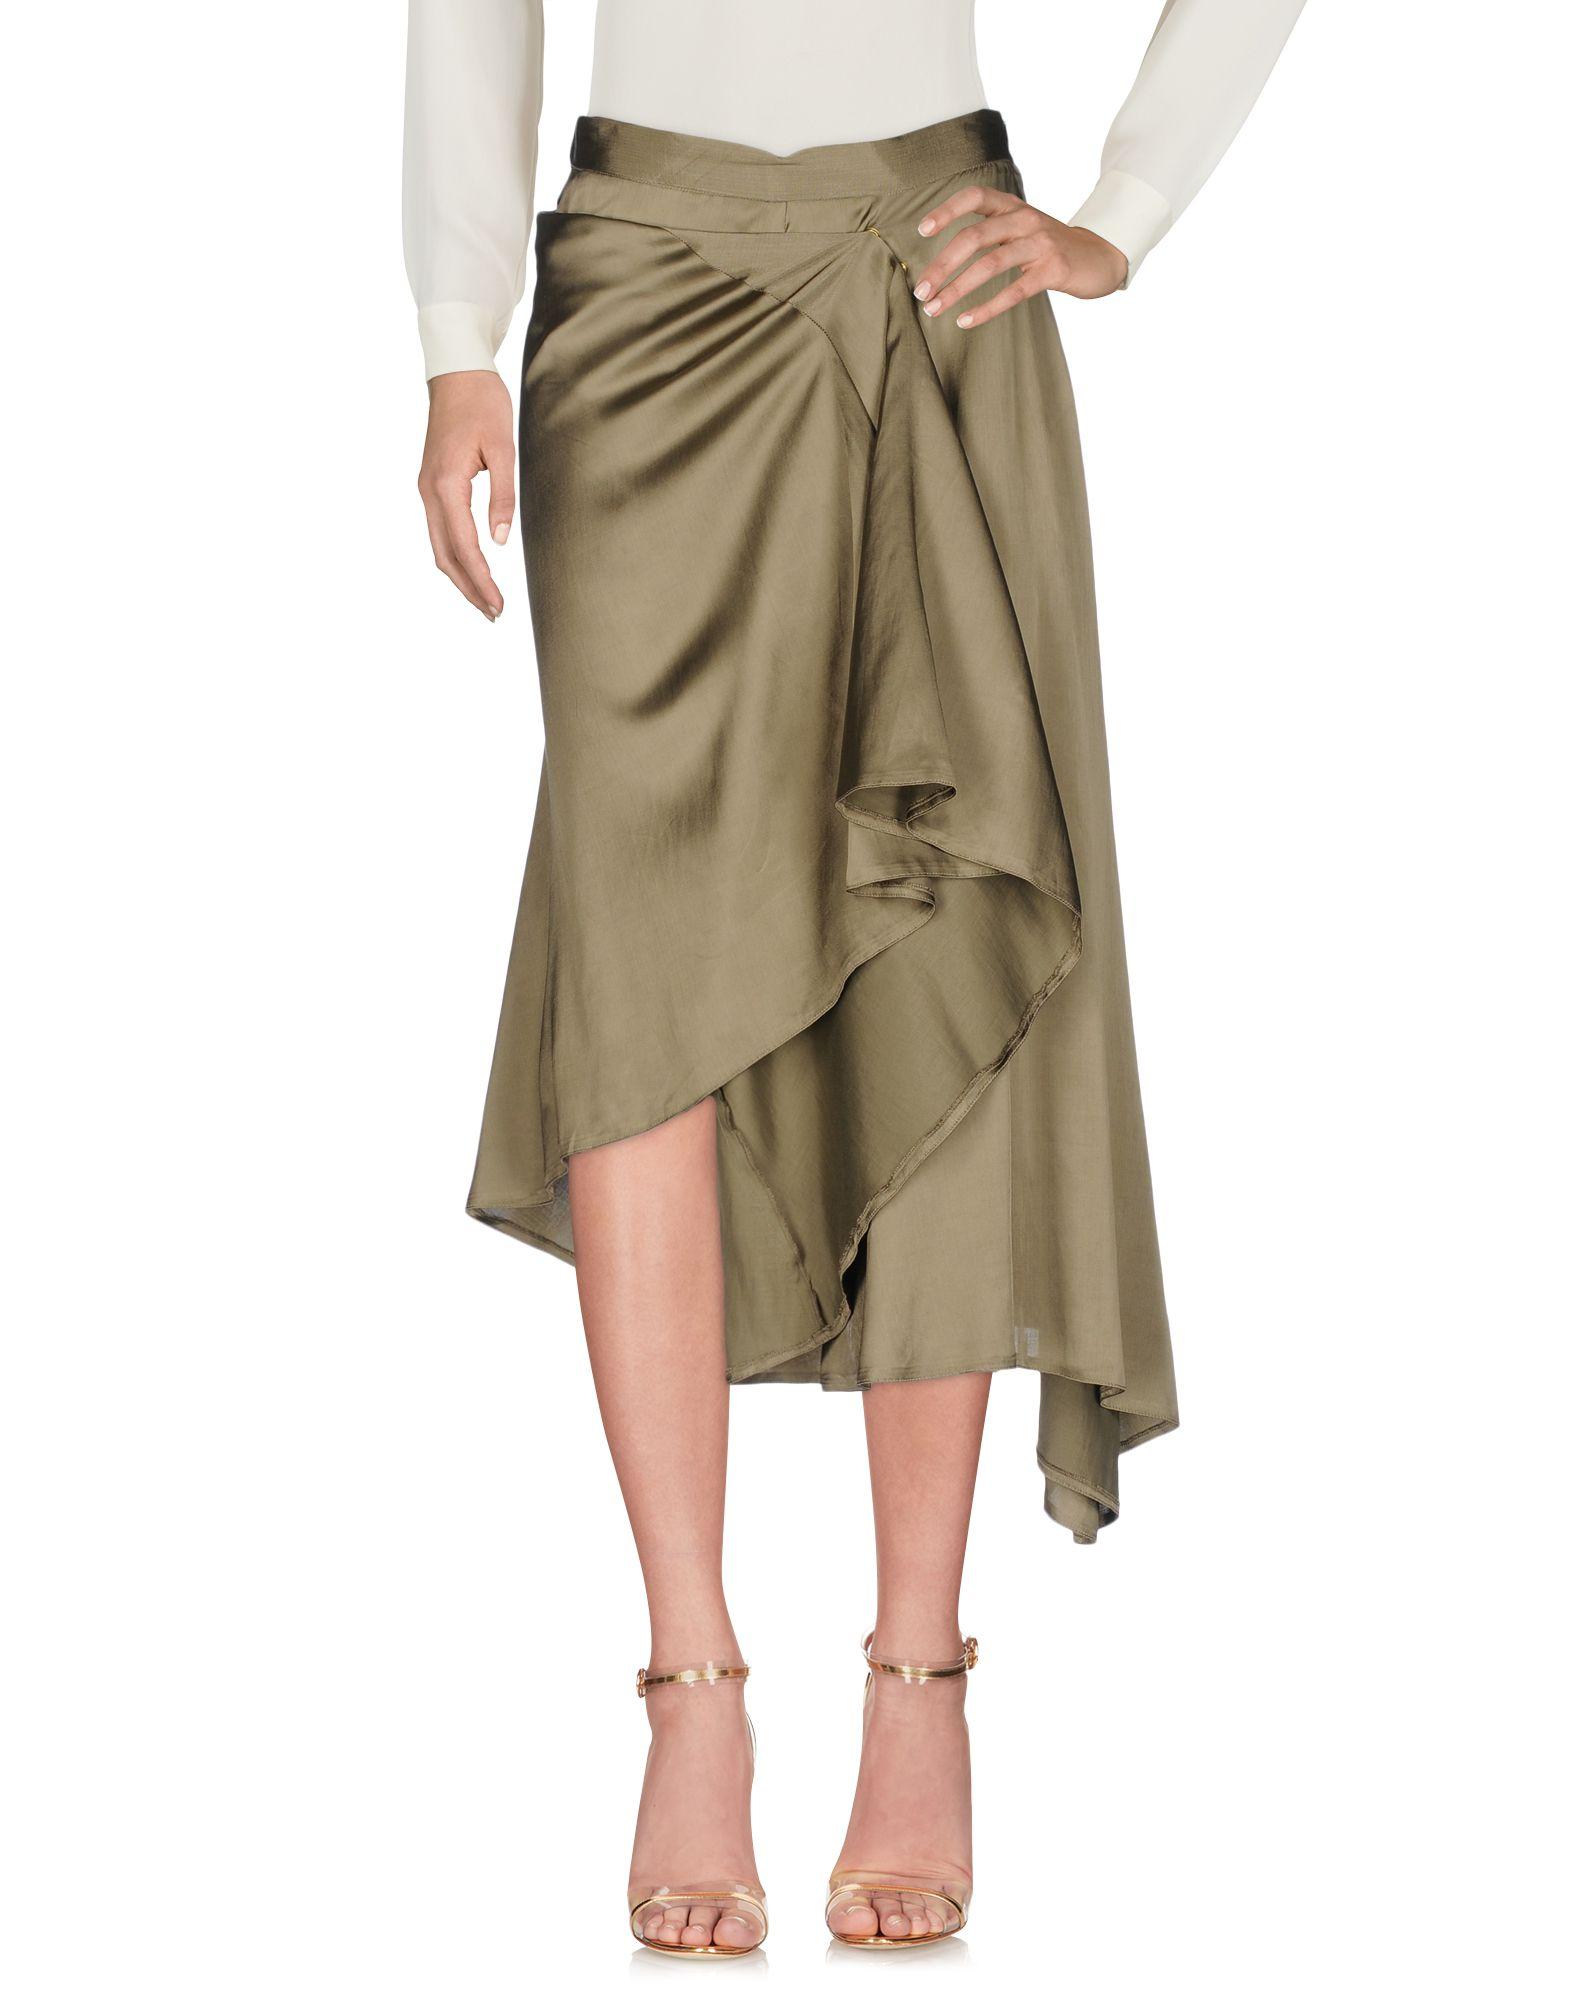 MM6 MAISON MARGIELA Юбка длиной 3/4 maison margiela юбка длиной 3 4